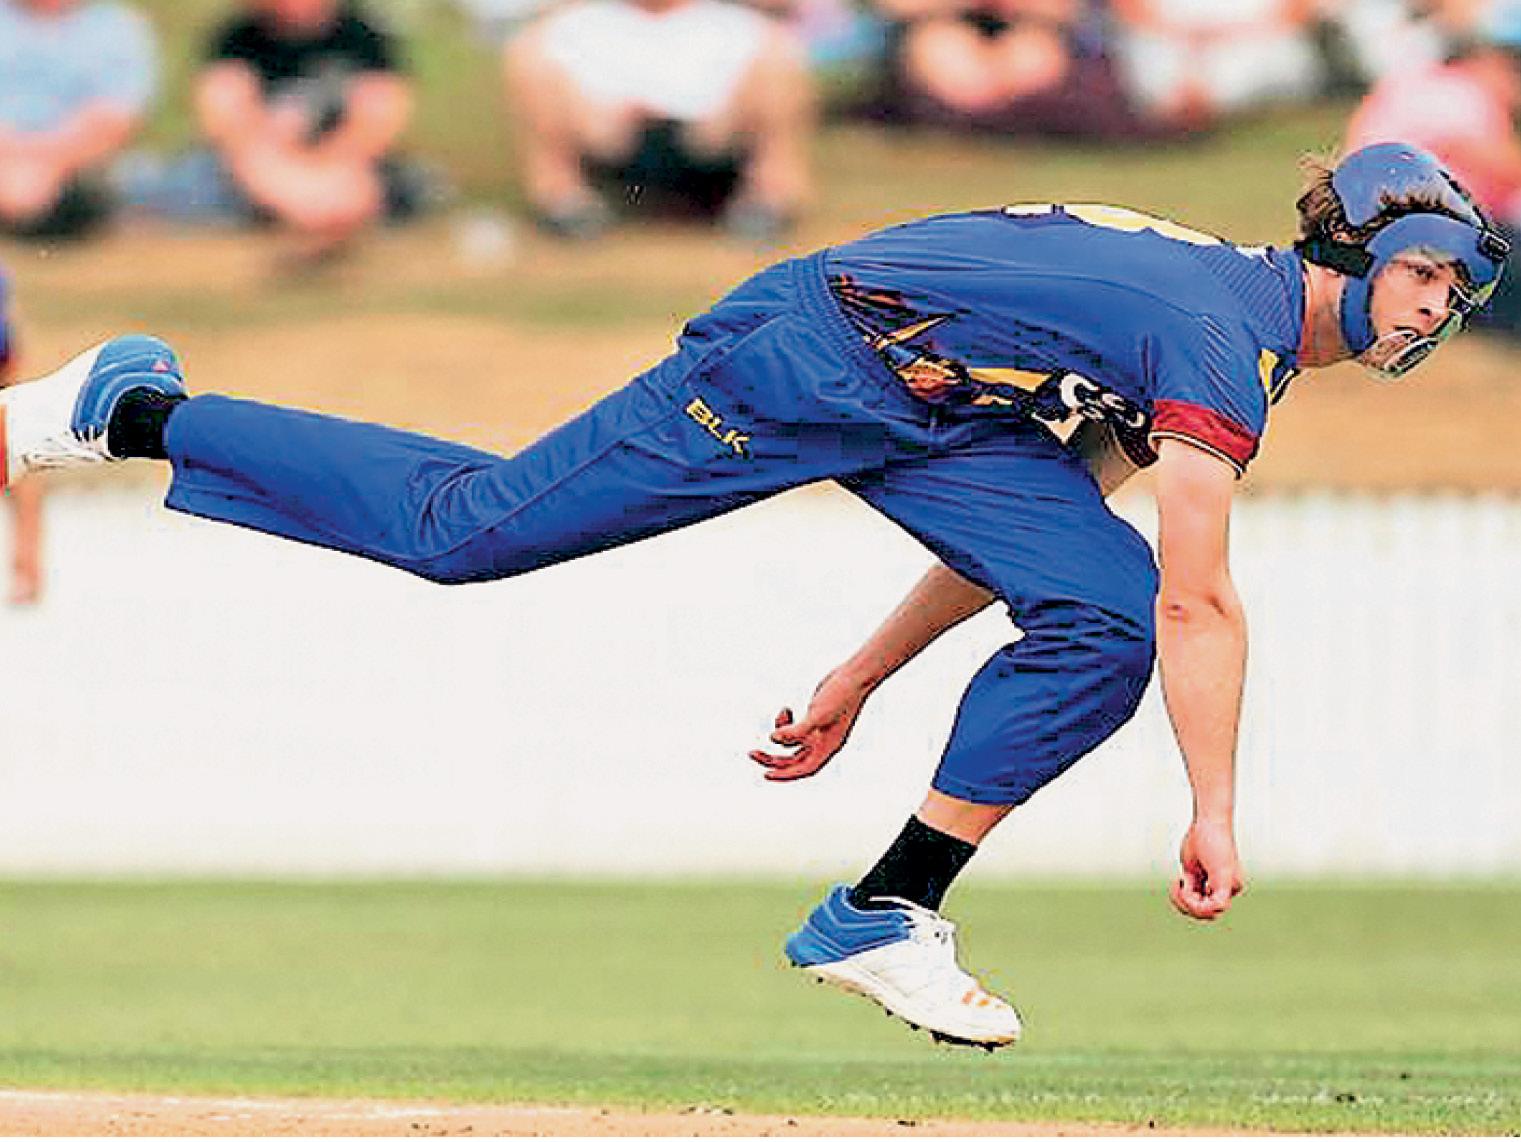 न्यूजीलैंड के घरेलू टूर्नामेंट में कई गेंदबाज हॉकी के हेलमेट का उपयोग कर रहे हैं। (फाइल फोटो) - Dainik Bhaskar